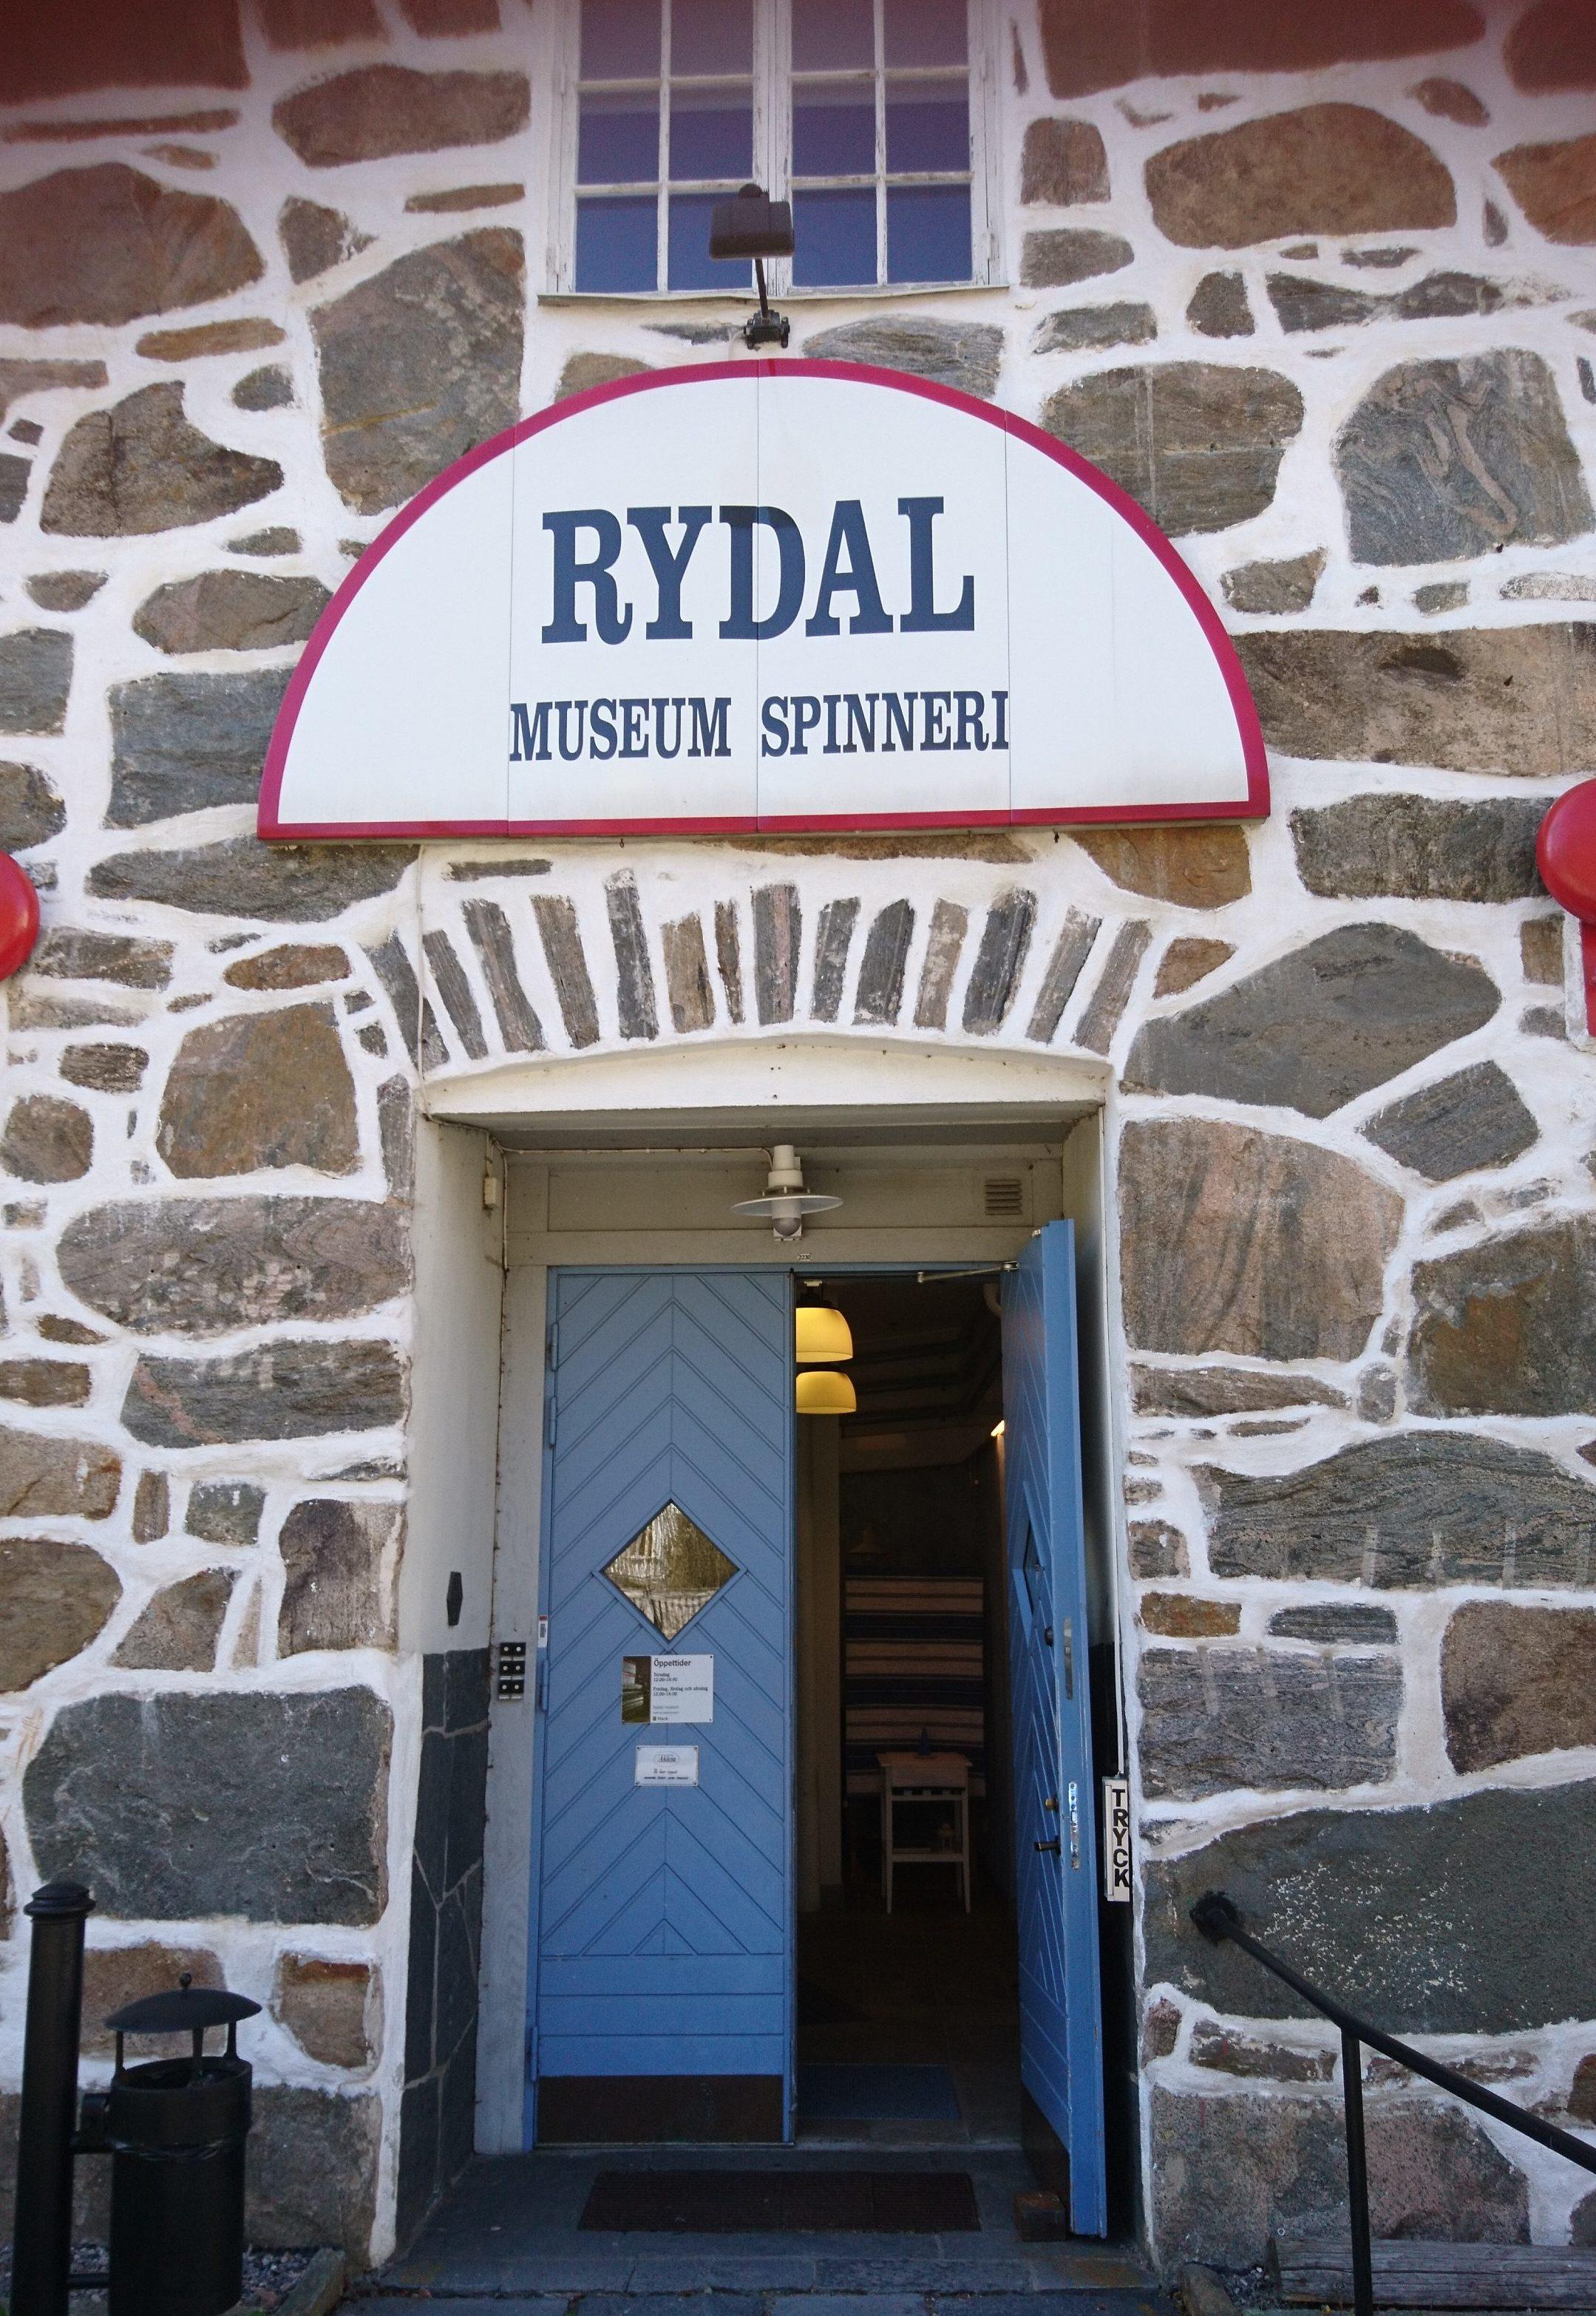 Julle's finns nu i Akleja hantverksbutik på Rydals museum.